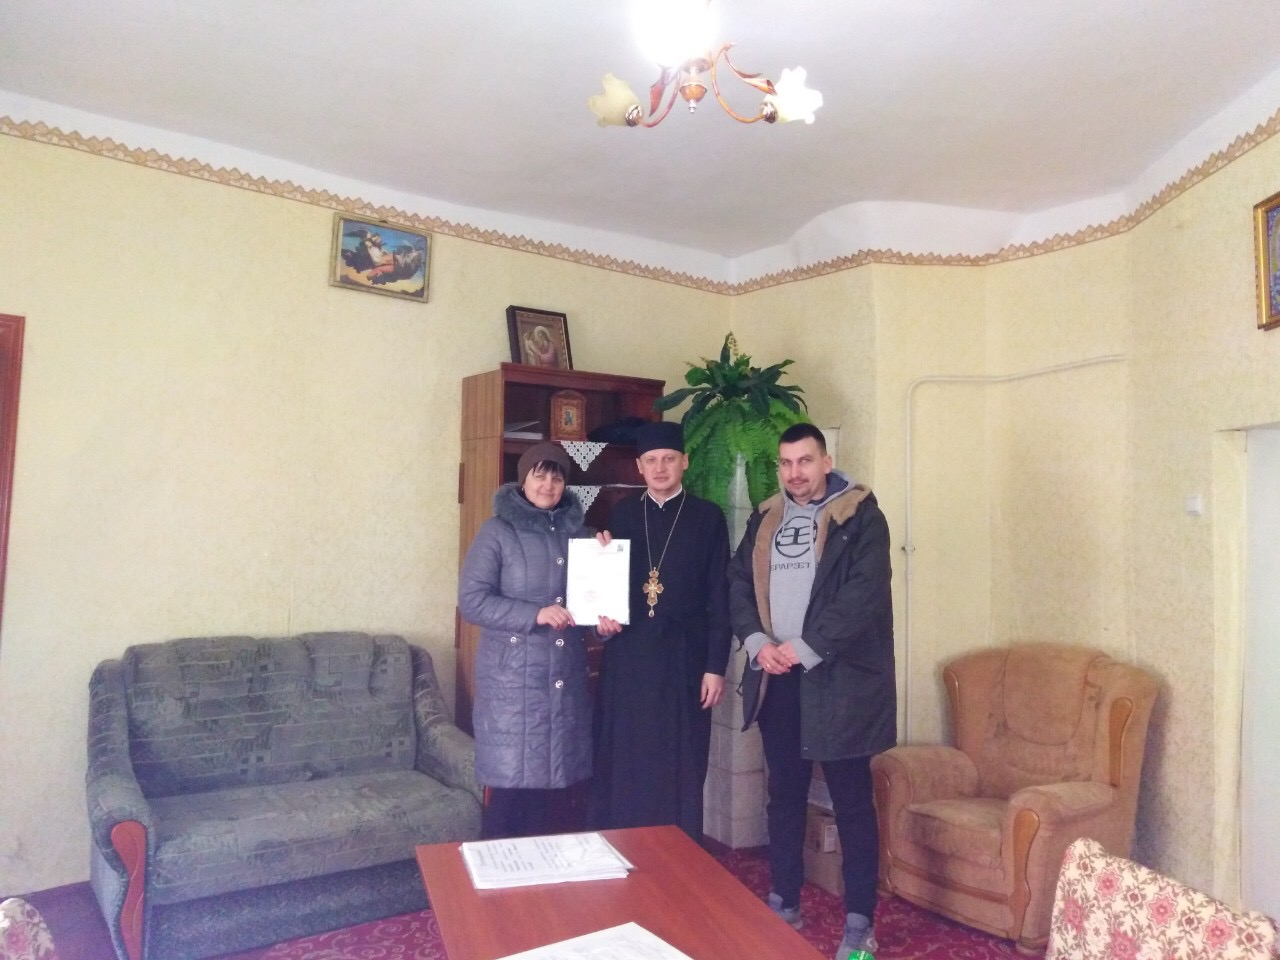 Ще одна волинська громада офіційно увійшла до ПЦУ